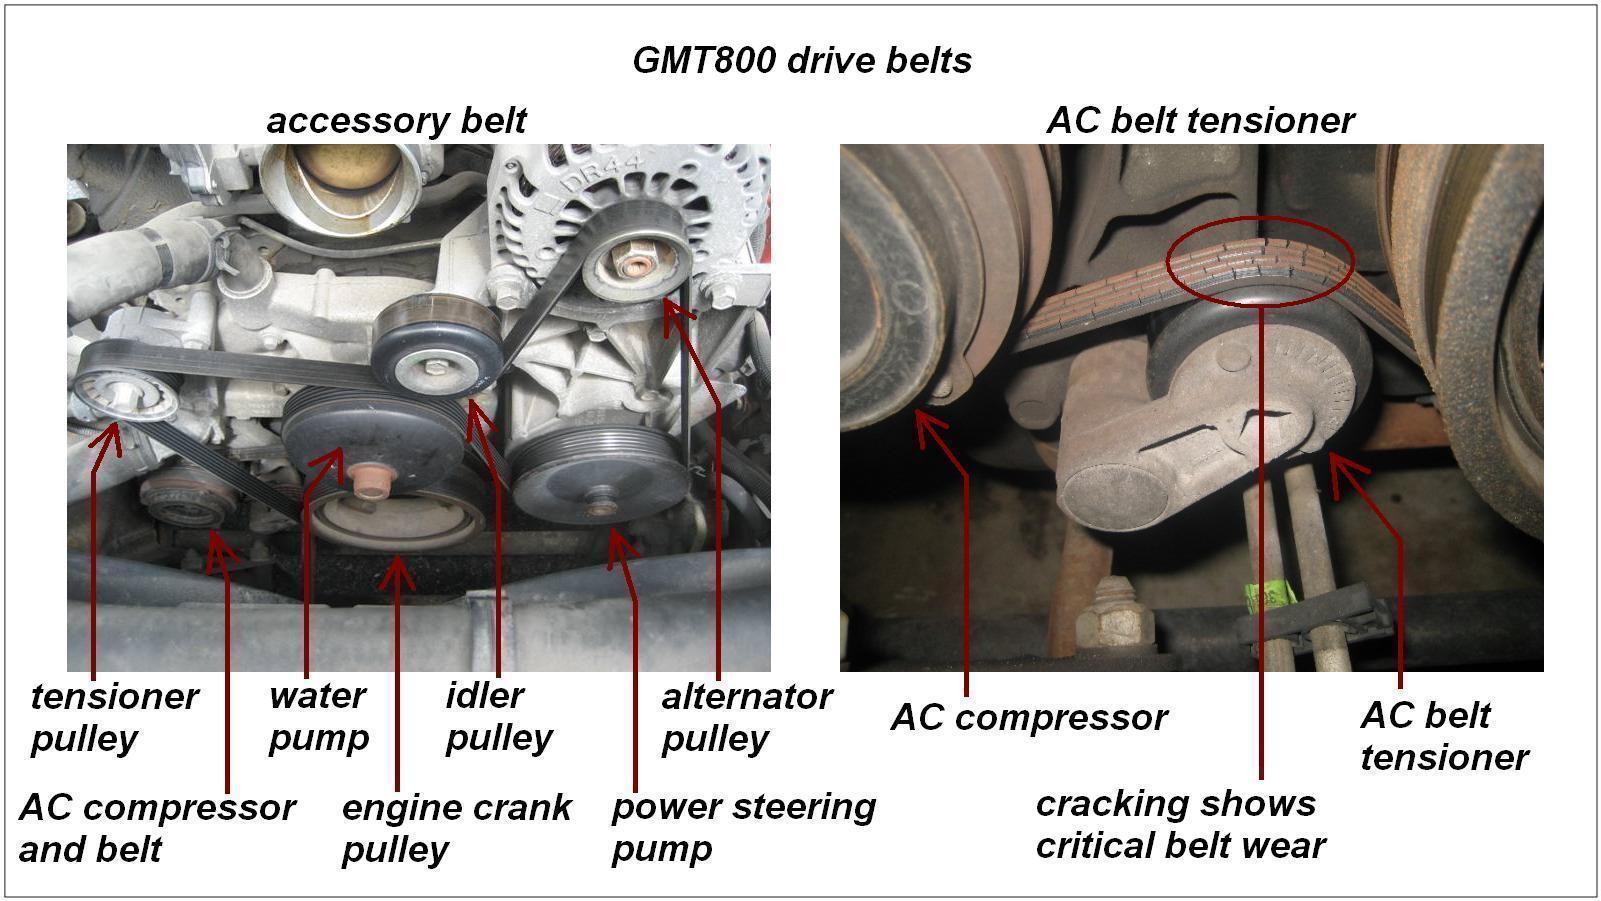 2006 Chevy Trailblazer Engine Diagram Wiring Library 2003 Chrysler Nissan Remote Starter Help Installation